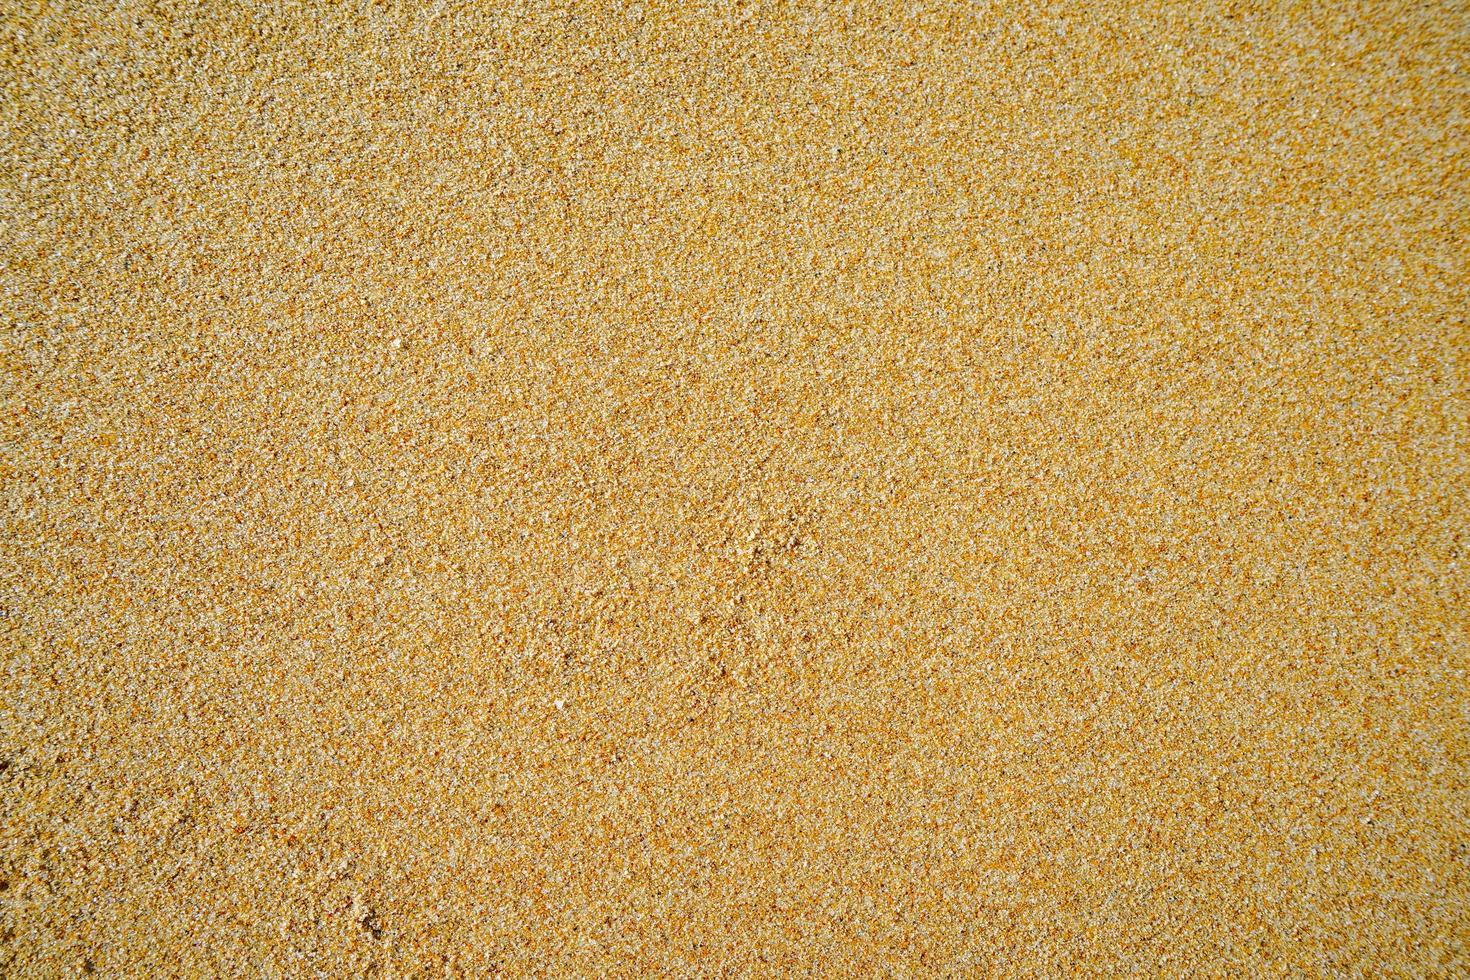 natürlicher Hintergrund mit gelbem Sand foto